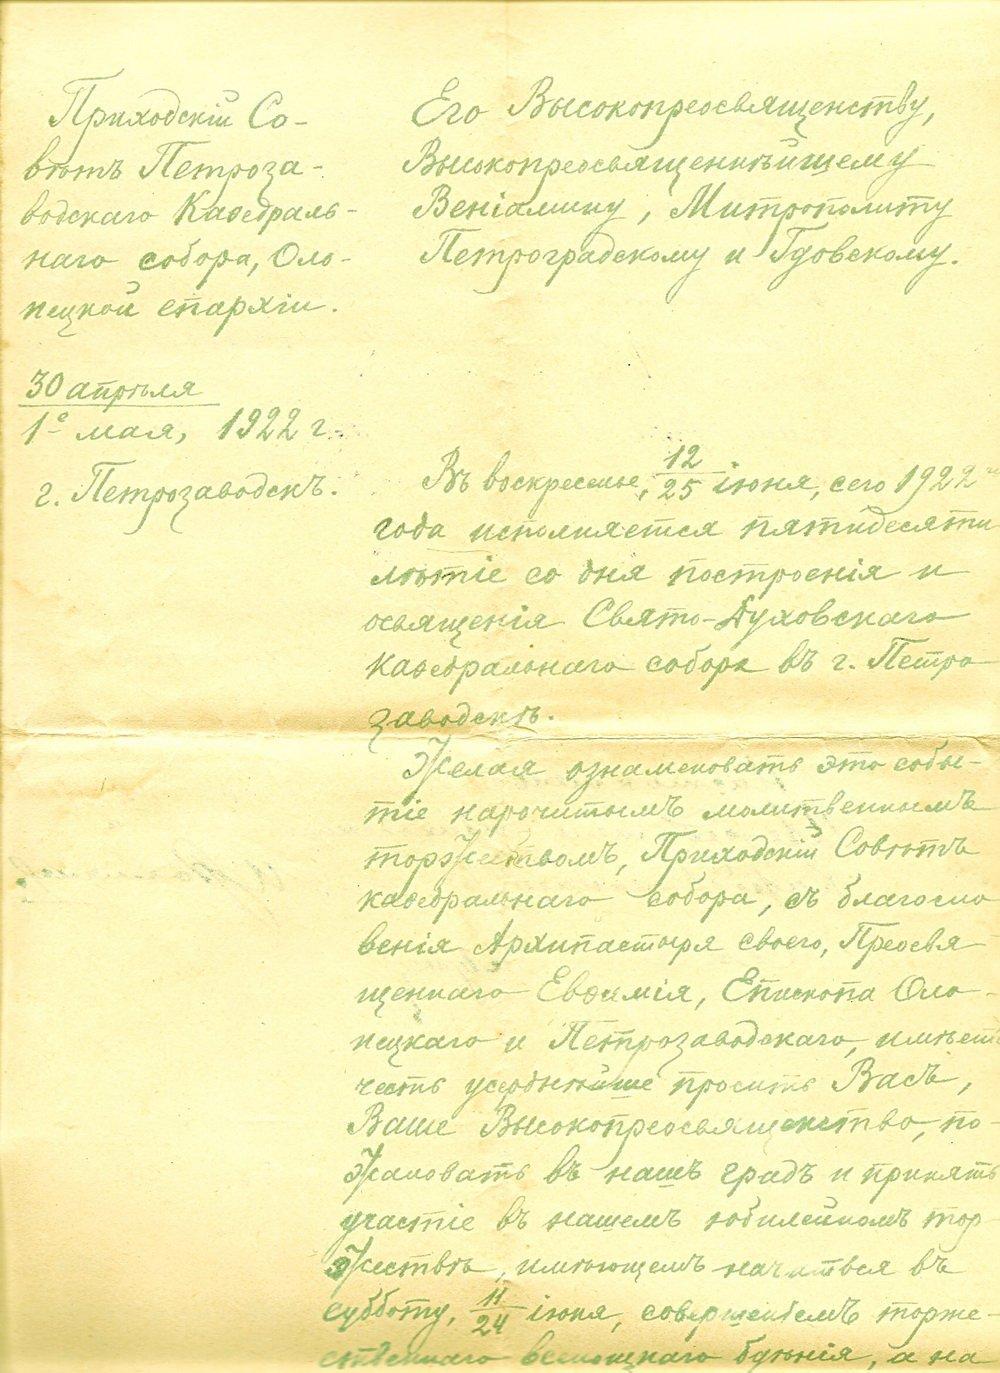 приглашение из Петрозаводска на юбилейные торжества кафедрального собора